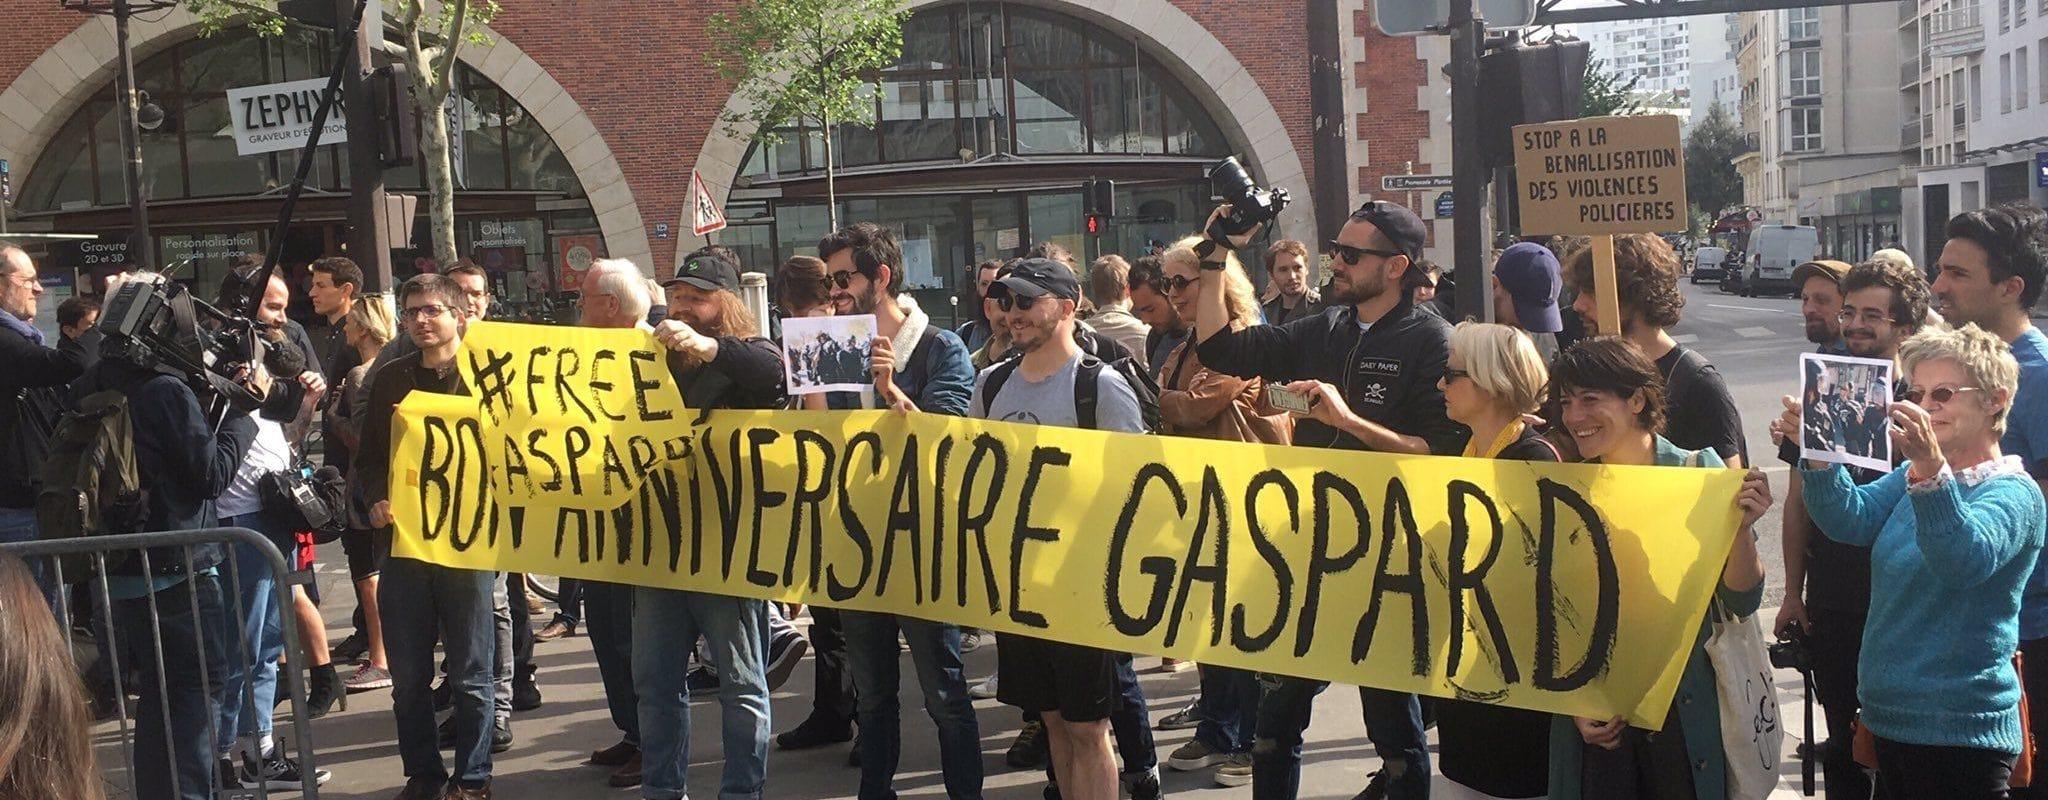 Le journaliste strasbourgeois Gaspard Glanz arrêté à Paris, en marge de la manifestation des Gilets jaunes